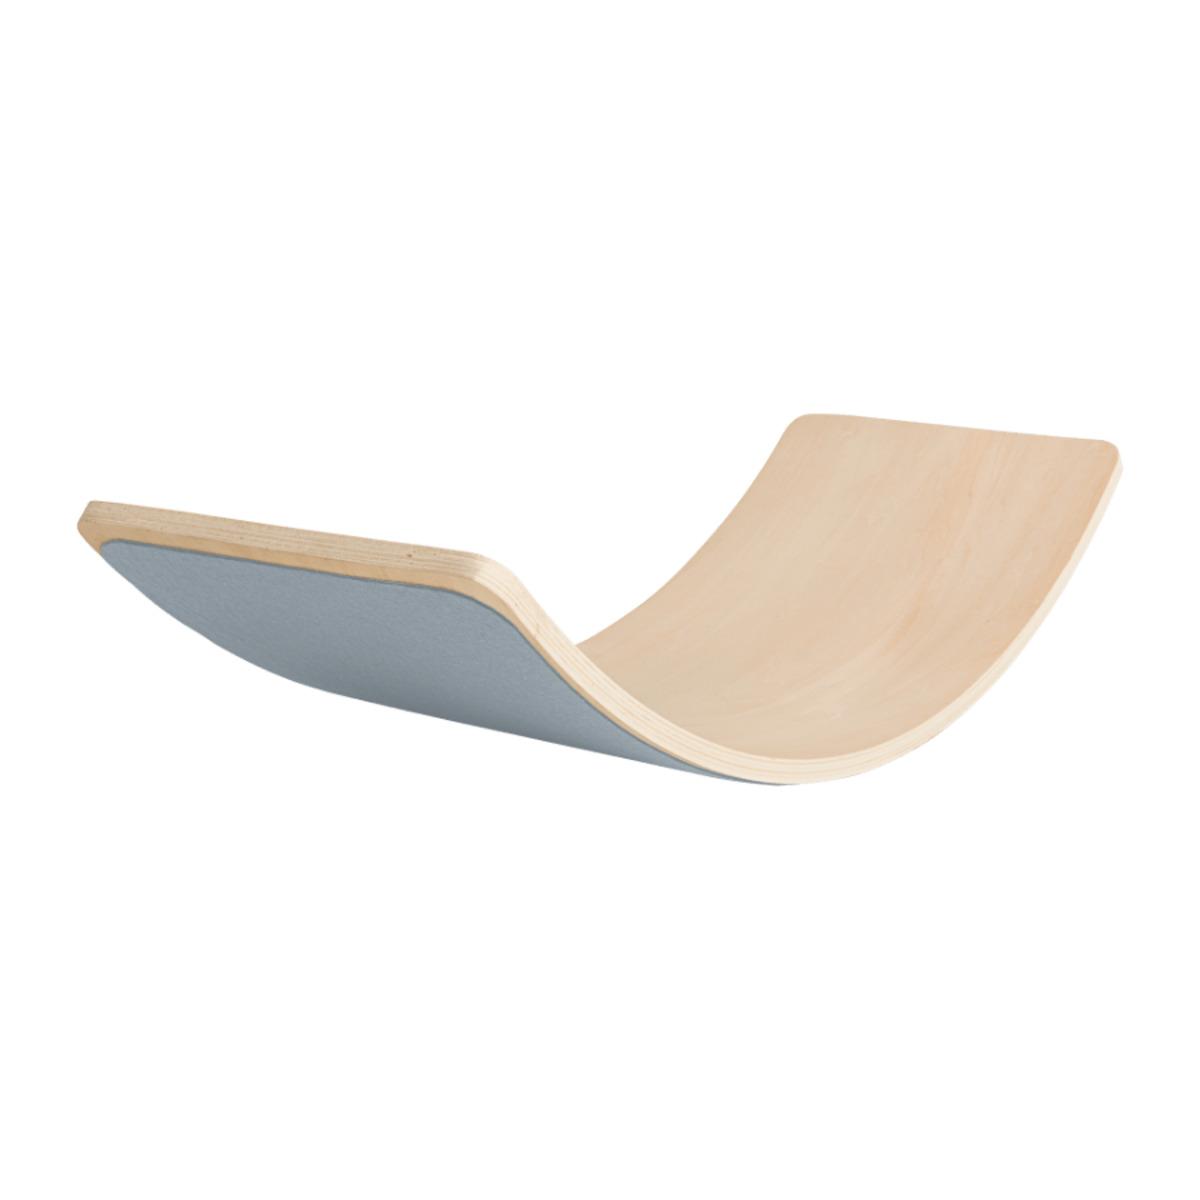 Bild 3 von PLAYLAND     Holz-Klettergerät